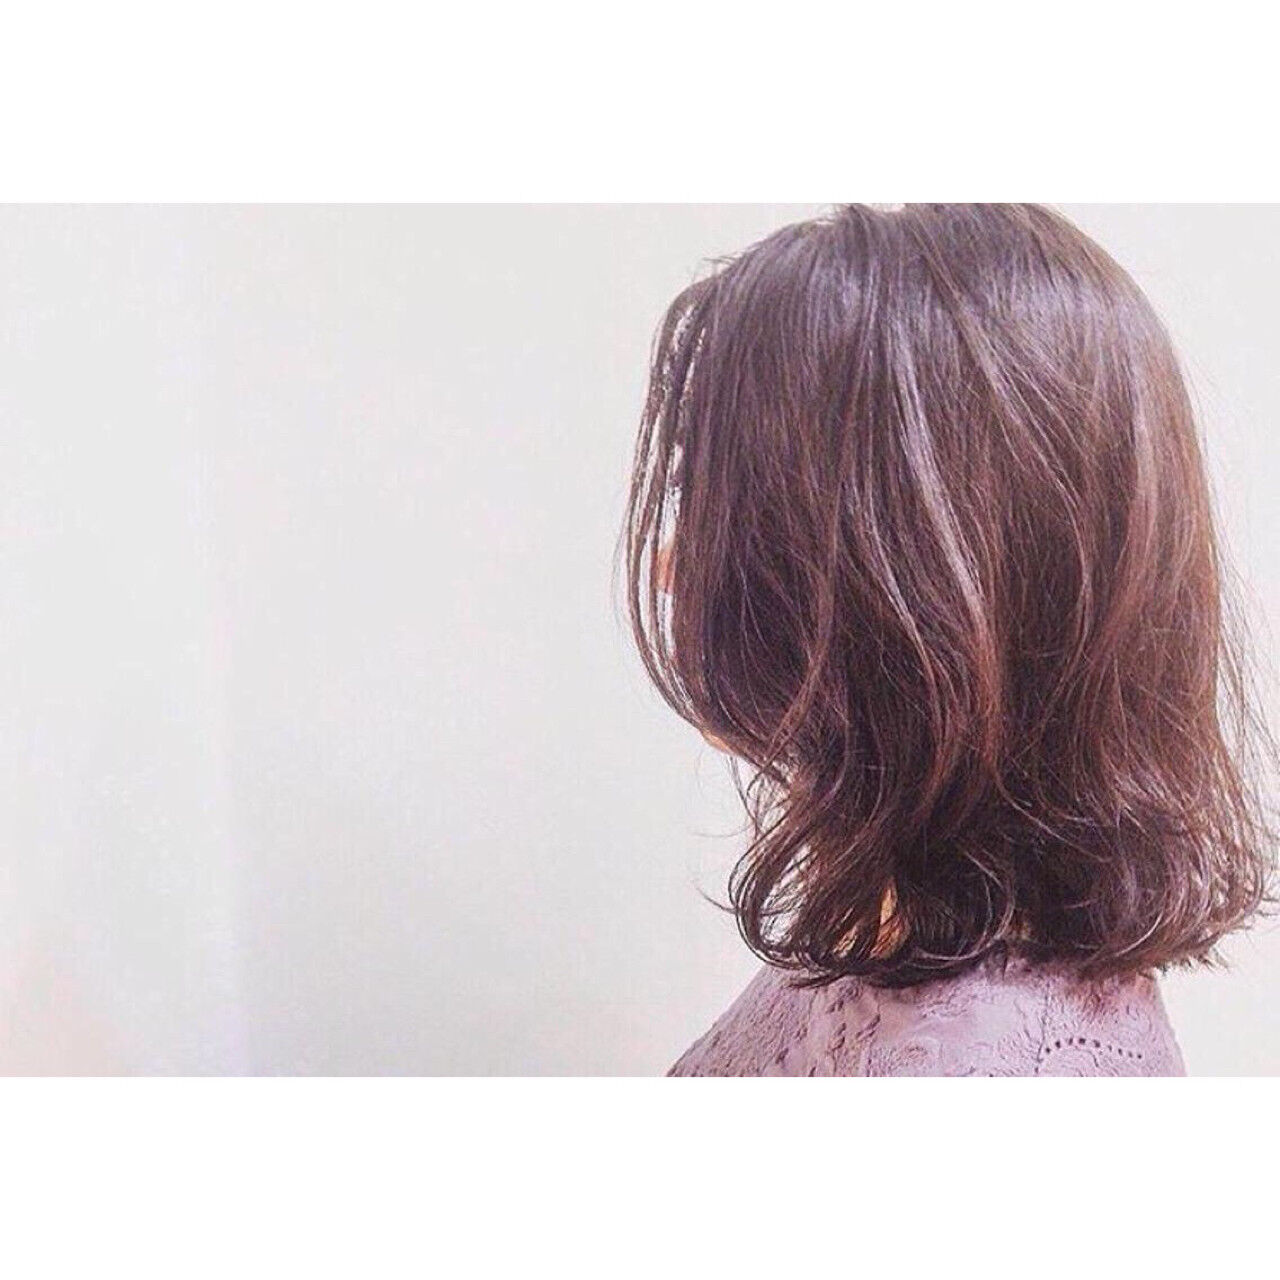 くせ毛風 ナチュラル 色気 パーマヘアスタイルや髪型の写真・画像